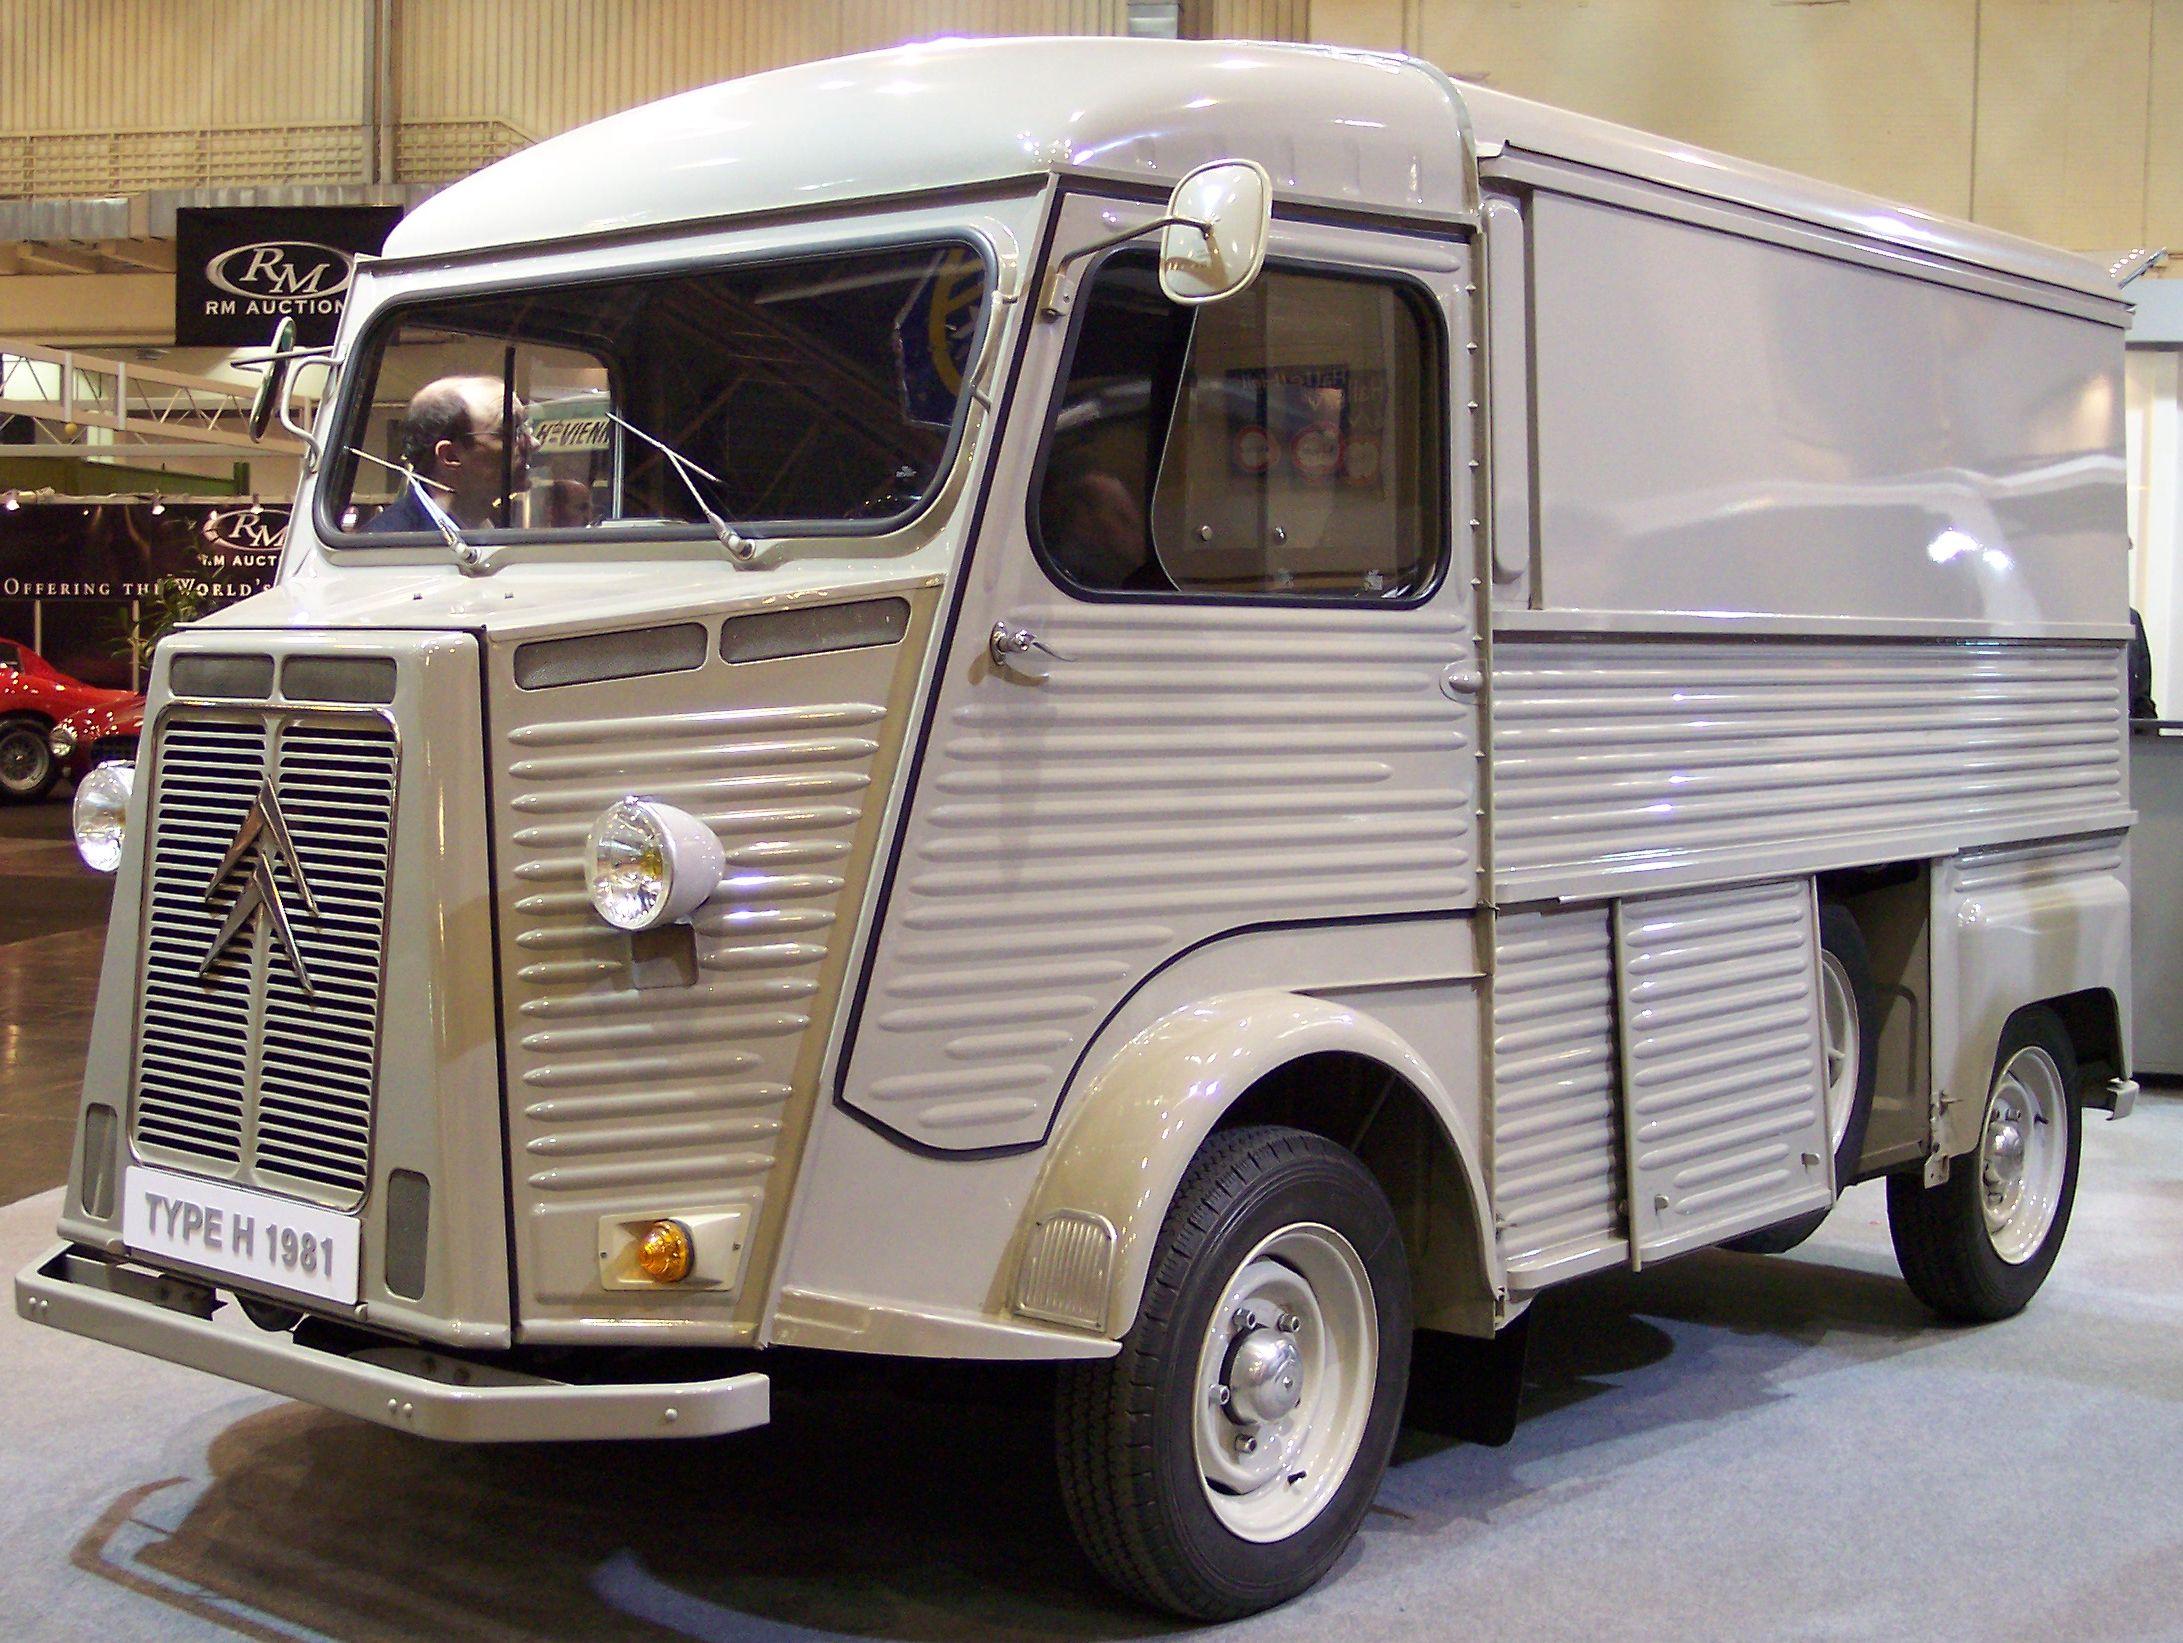 Citroën_Typ_H_1981_grey_vl_TCE